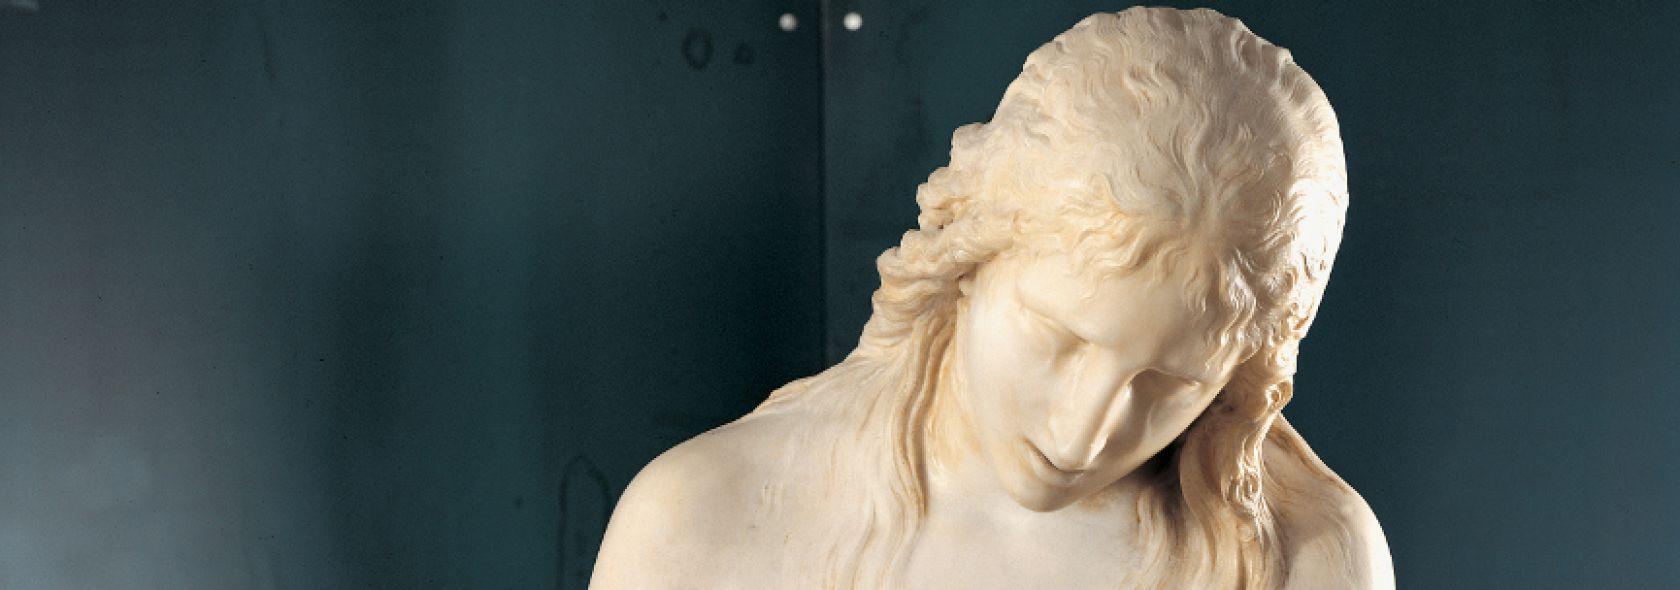 Antonio Canova - Maddalena penitente -  © Musei di Strada Nuova